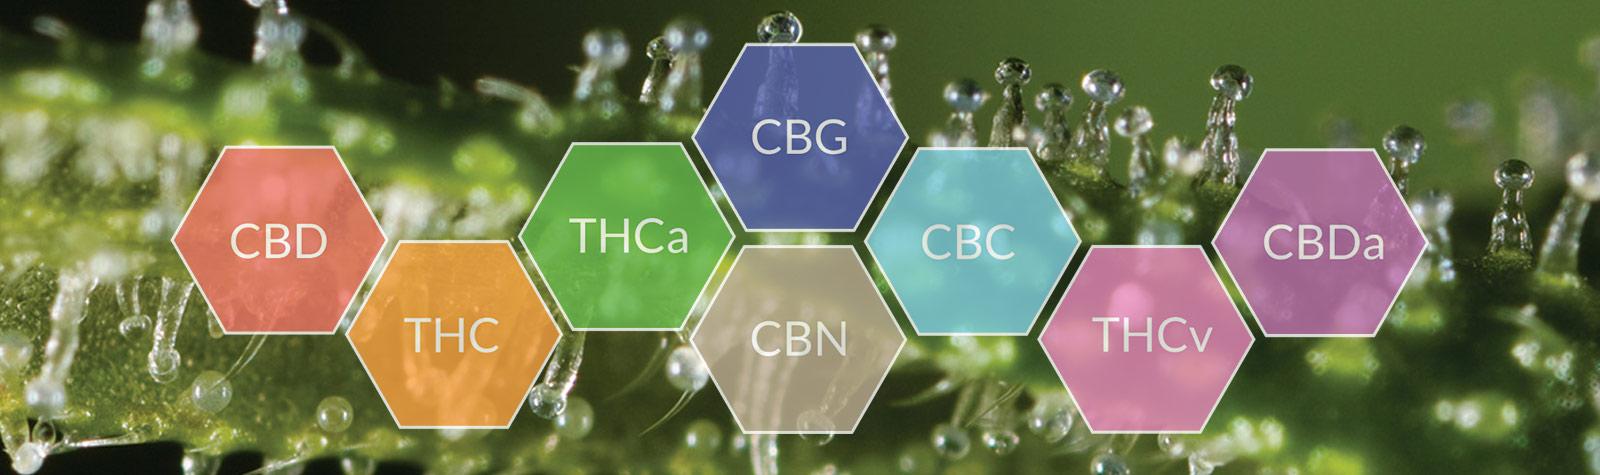 Le cannabis, l'herbe aux cannabinoïdes